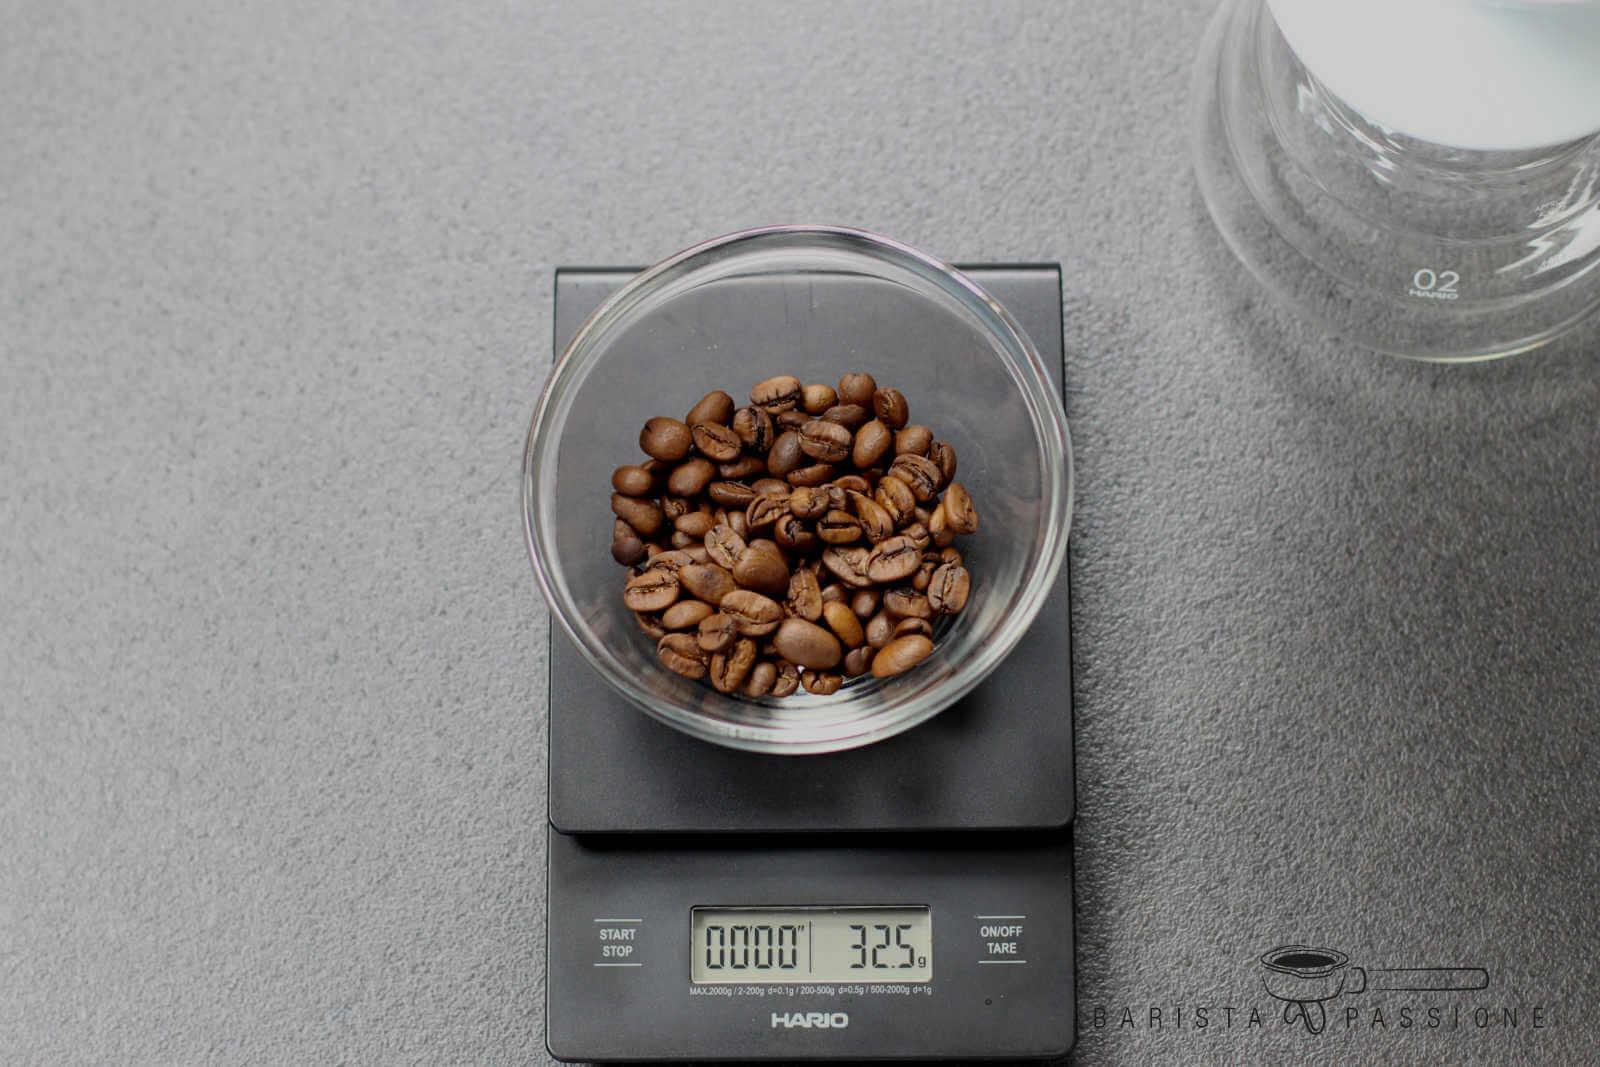 filterkaffee kochen filterkaffee richtig zubereiten hilfreiche tipps tricks. Black Bedroom Furniture Sets. Home Design Ideas